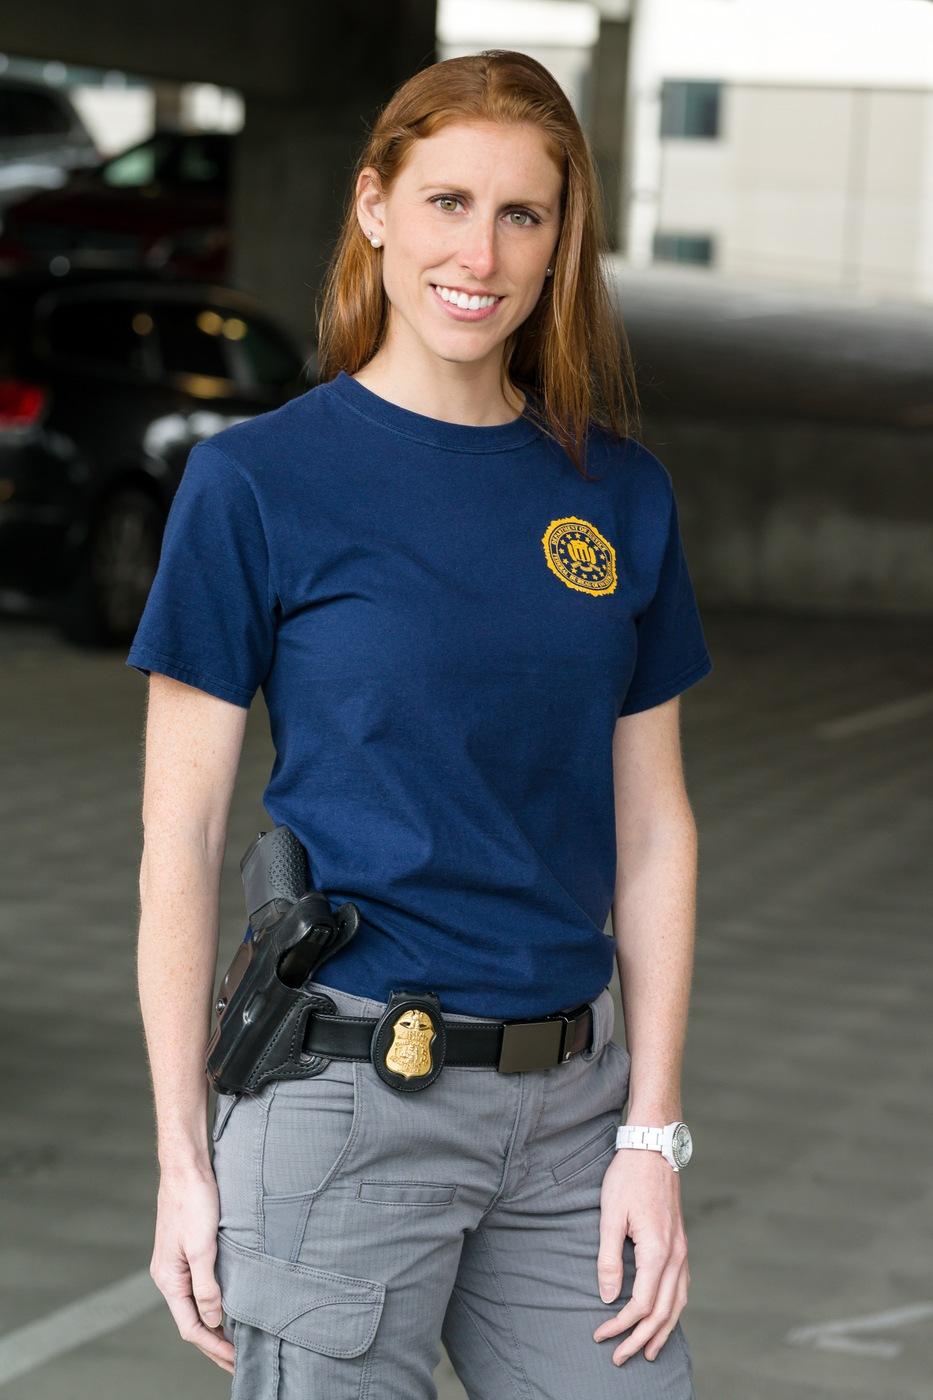 FBI San Diego Special Agent